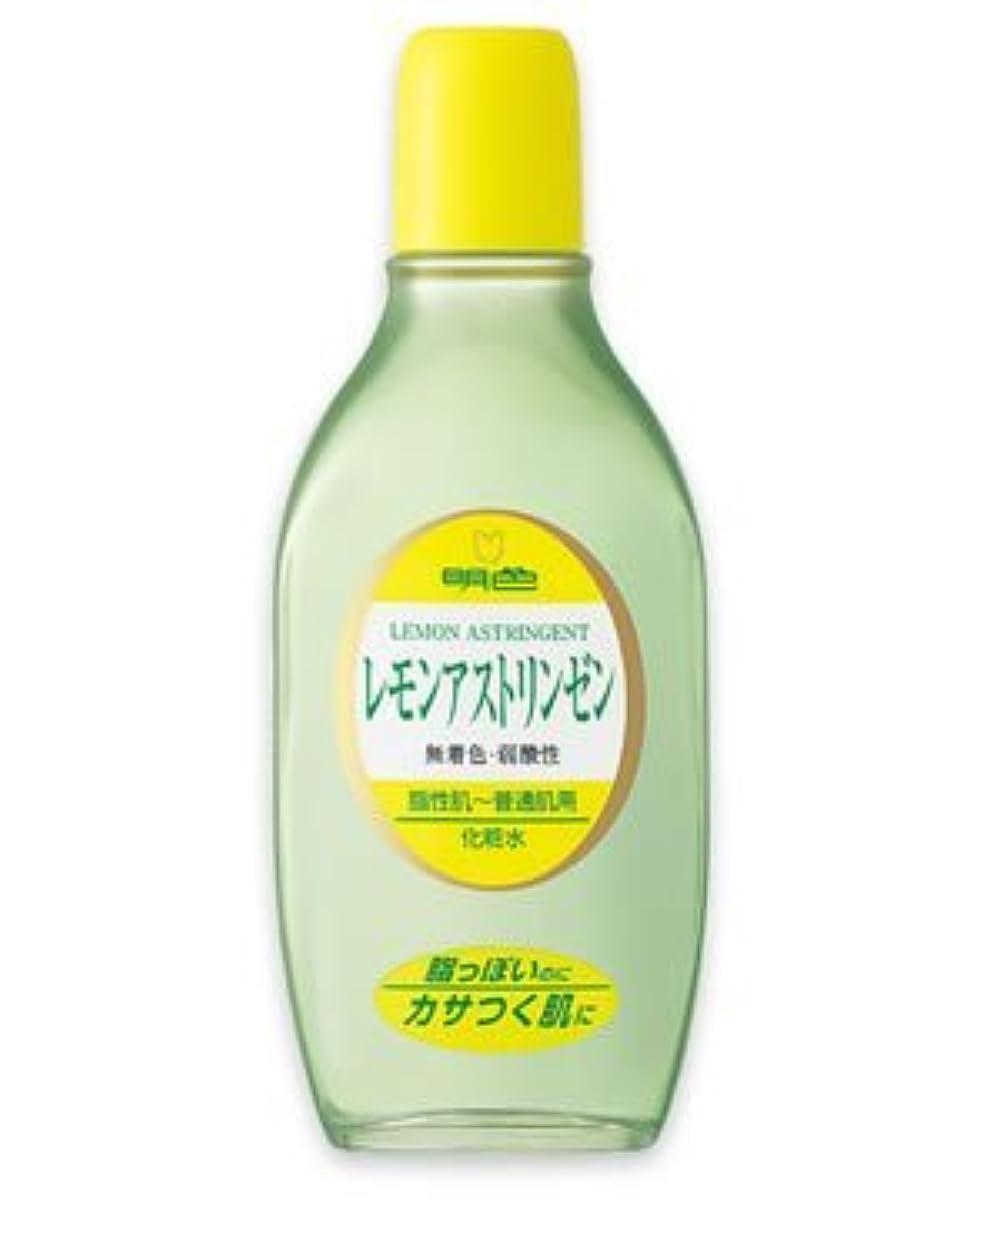 ワット判決編集する(明色)レモンアストリンゼン 170ml(お買い得3本セット)